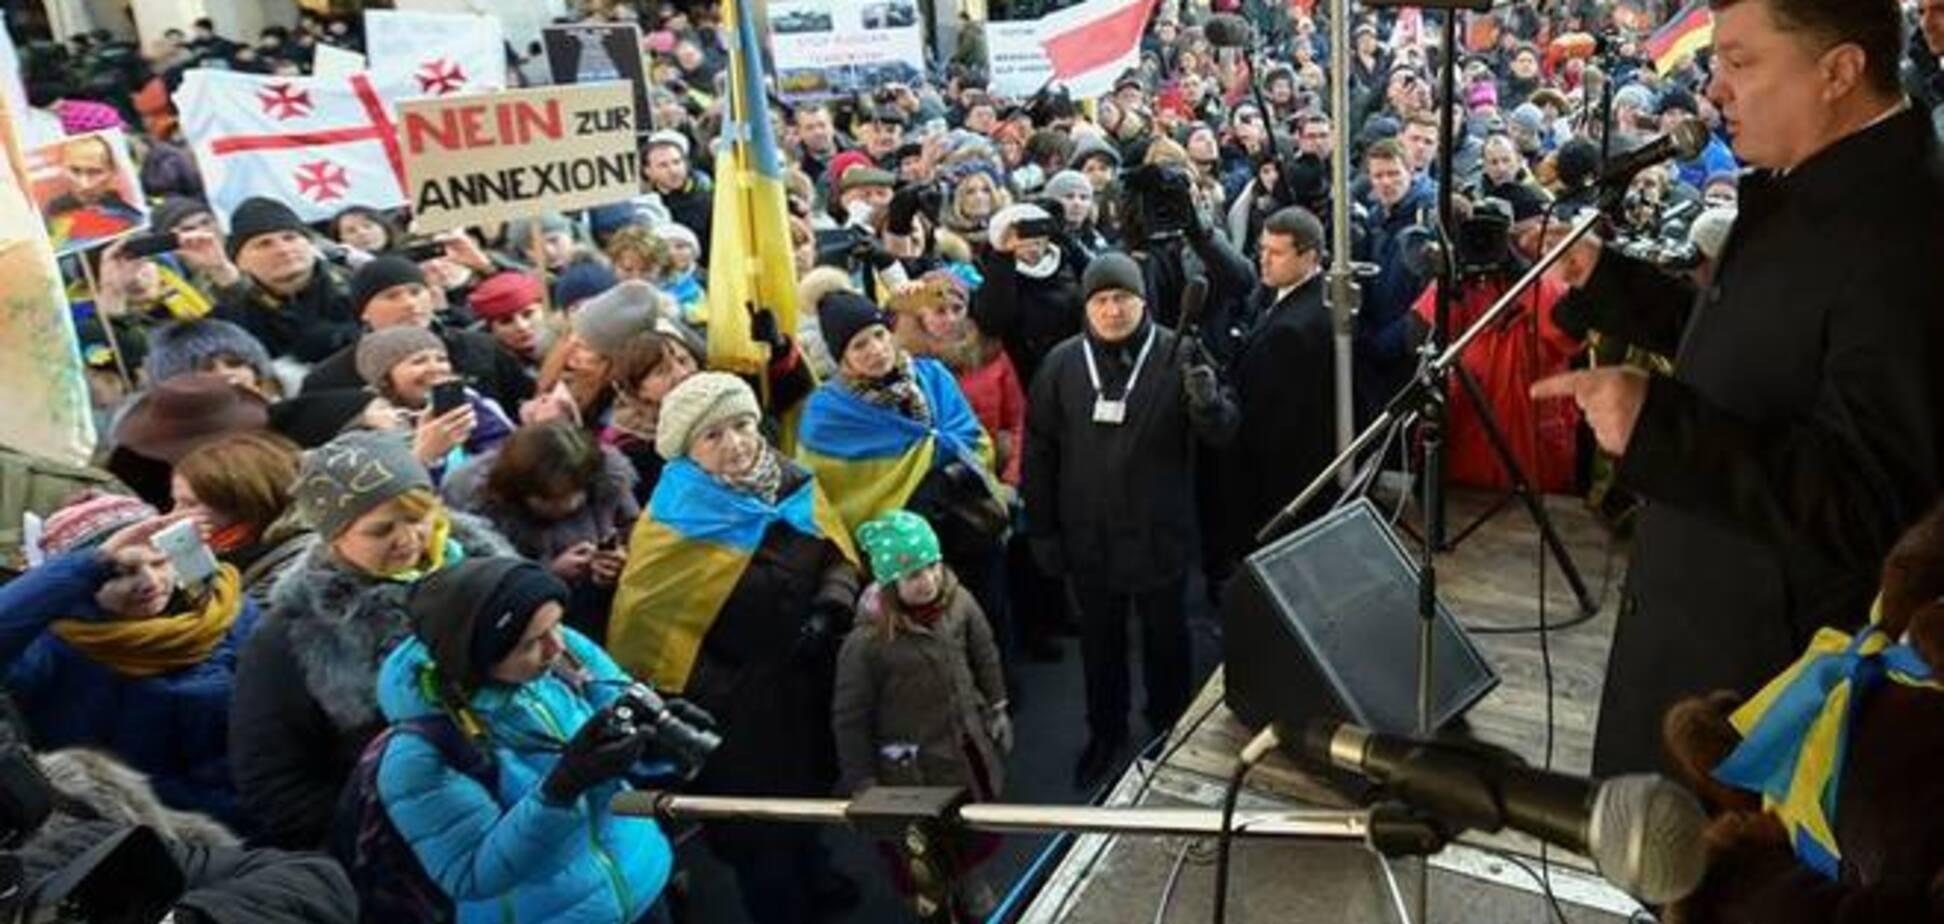 Порошенко в Мюнхене: Россия - в международной изоляции, весь мир - с Украиной